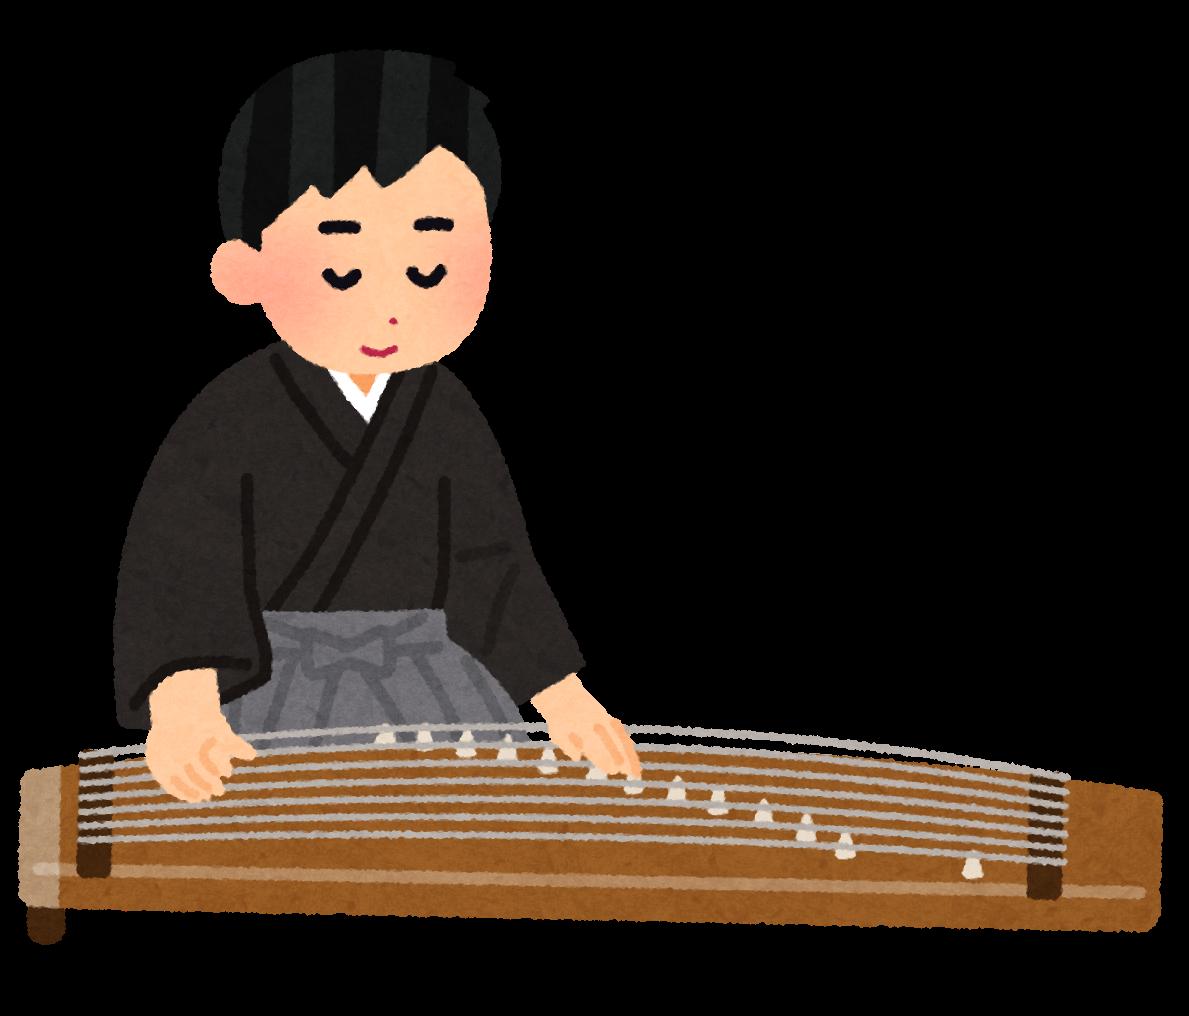 music_koto_man.png (1189×1016)